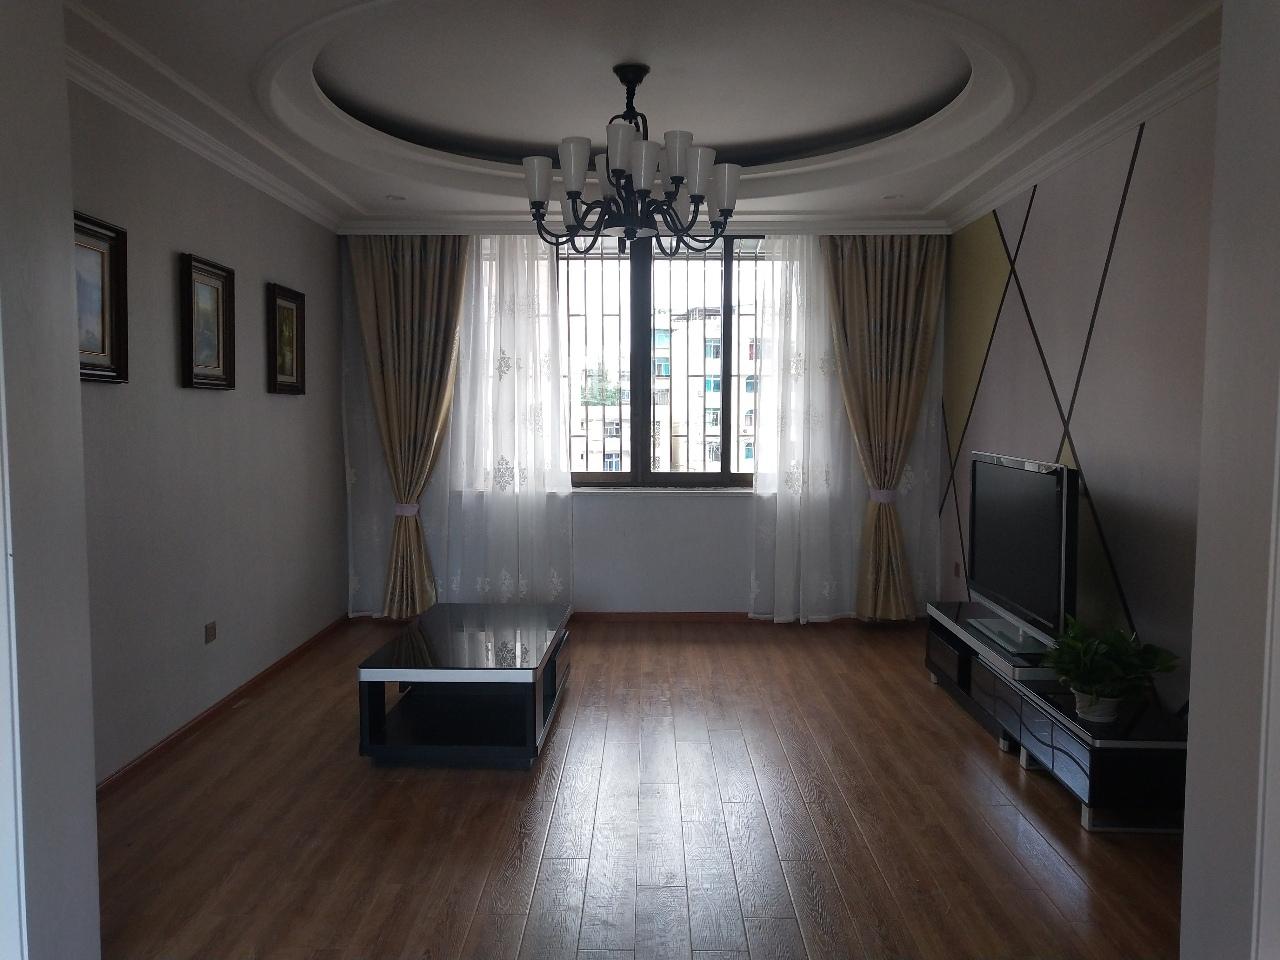 烟草公司宿舍3室2厅2卫65.5万元